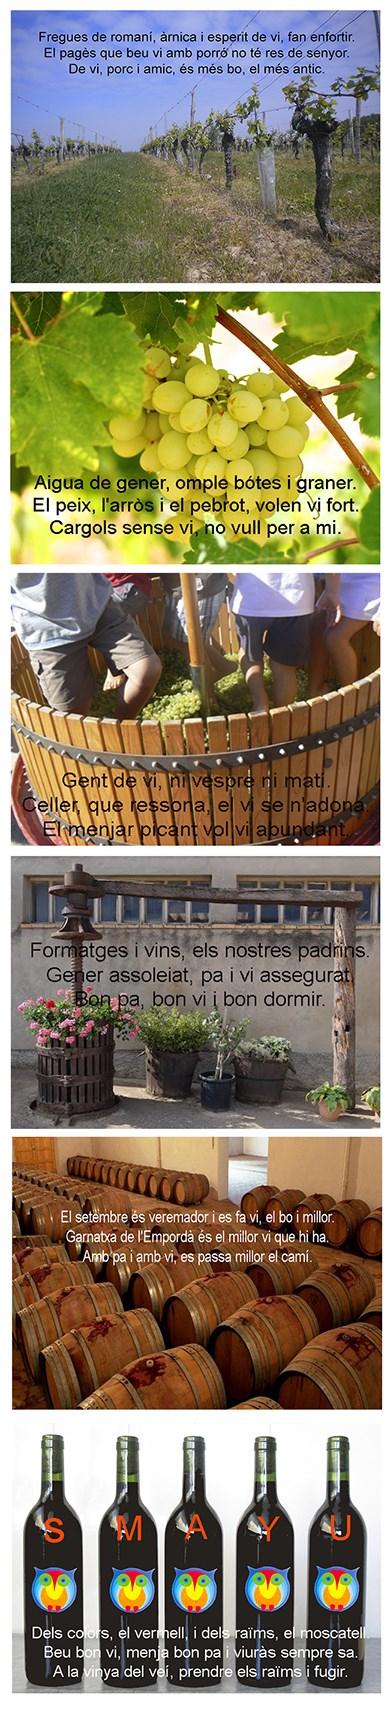 Gc64f8t sant quirze del vall s les vinyes unknown cache - Casa en sant quirze del valles ...